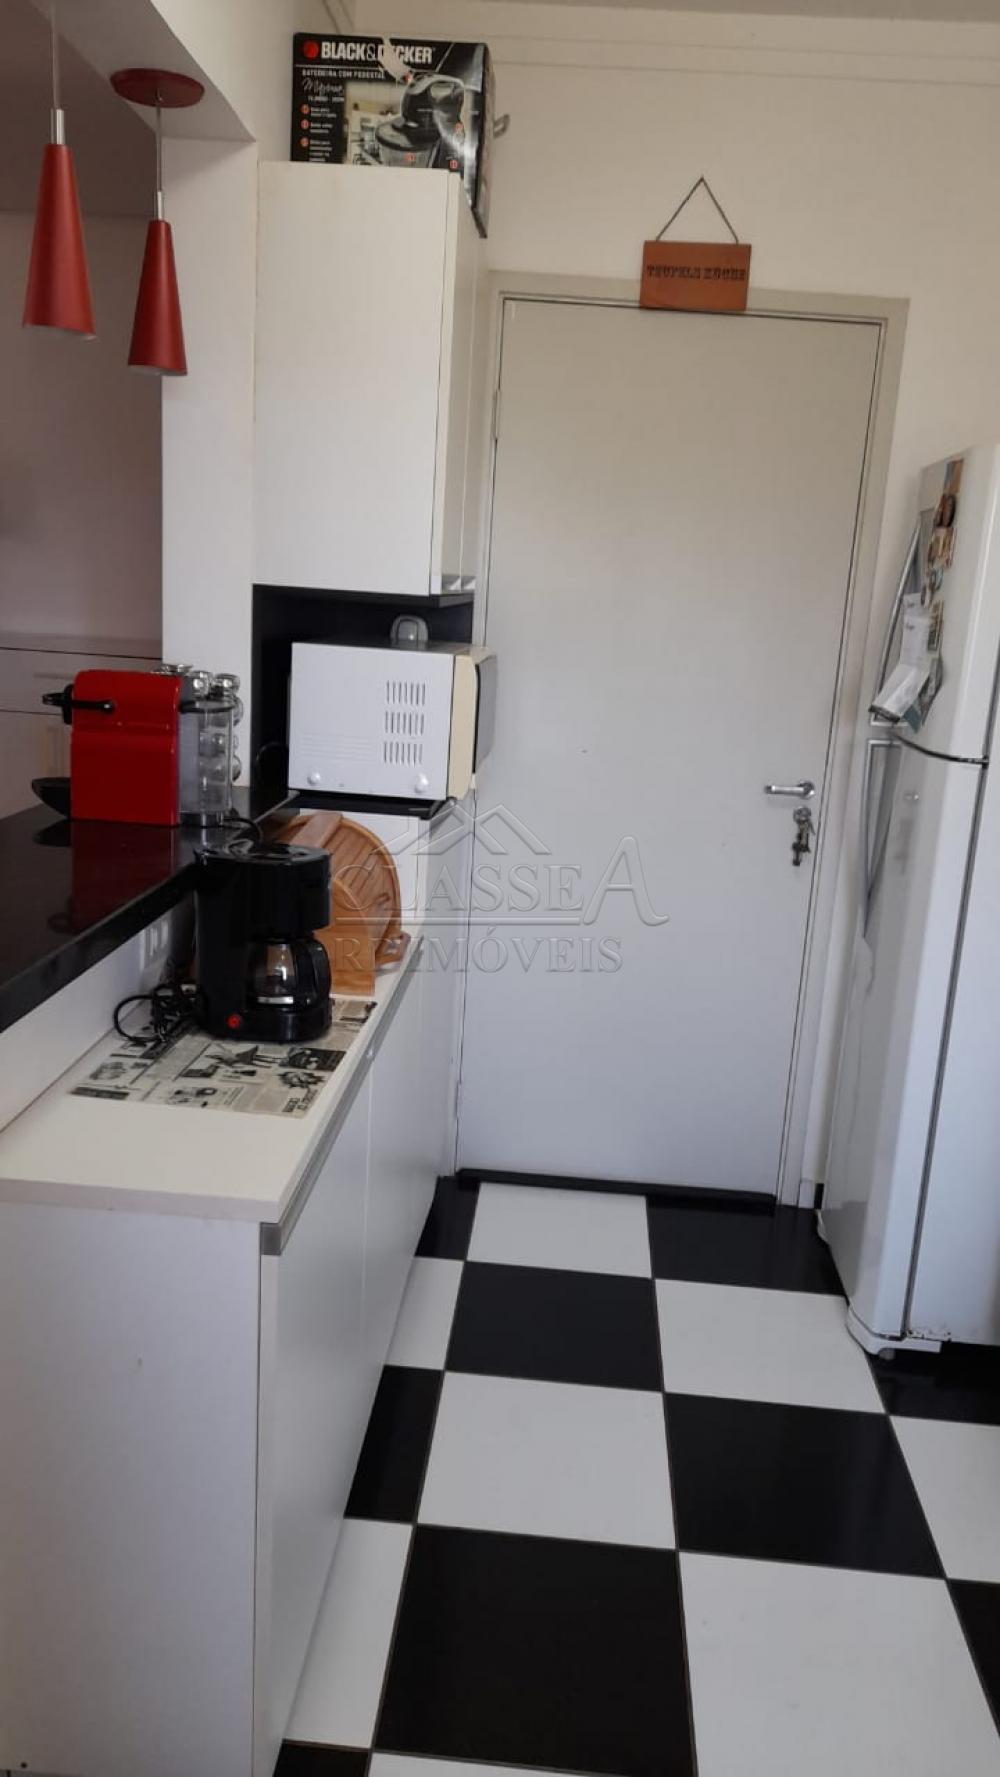 Ribeirao Preto Apartamento Venda R$450.000,00 Condominio R$450,00 3 Dormitorios 1 Suite Area construida 77.96m2